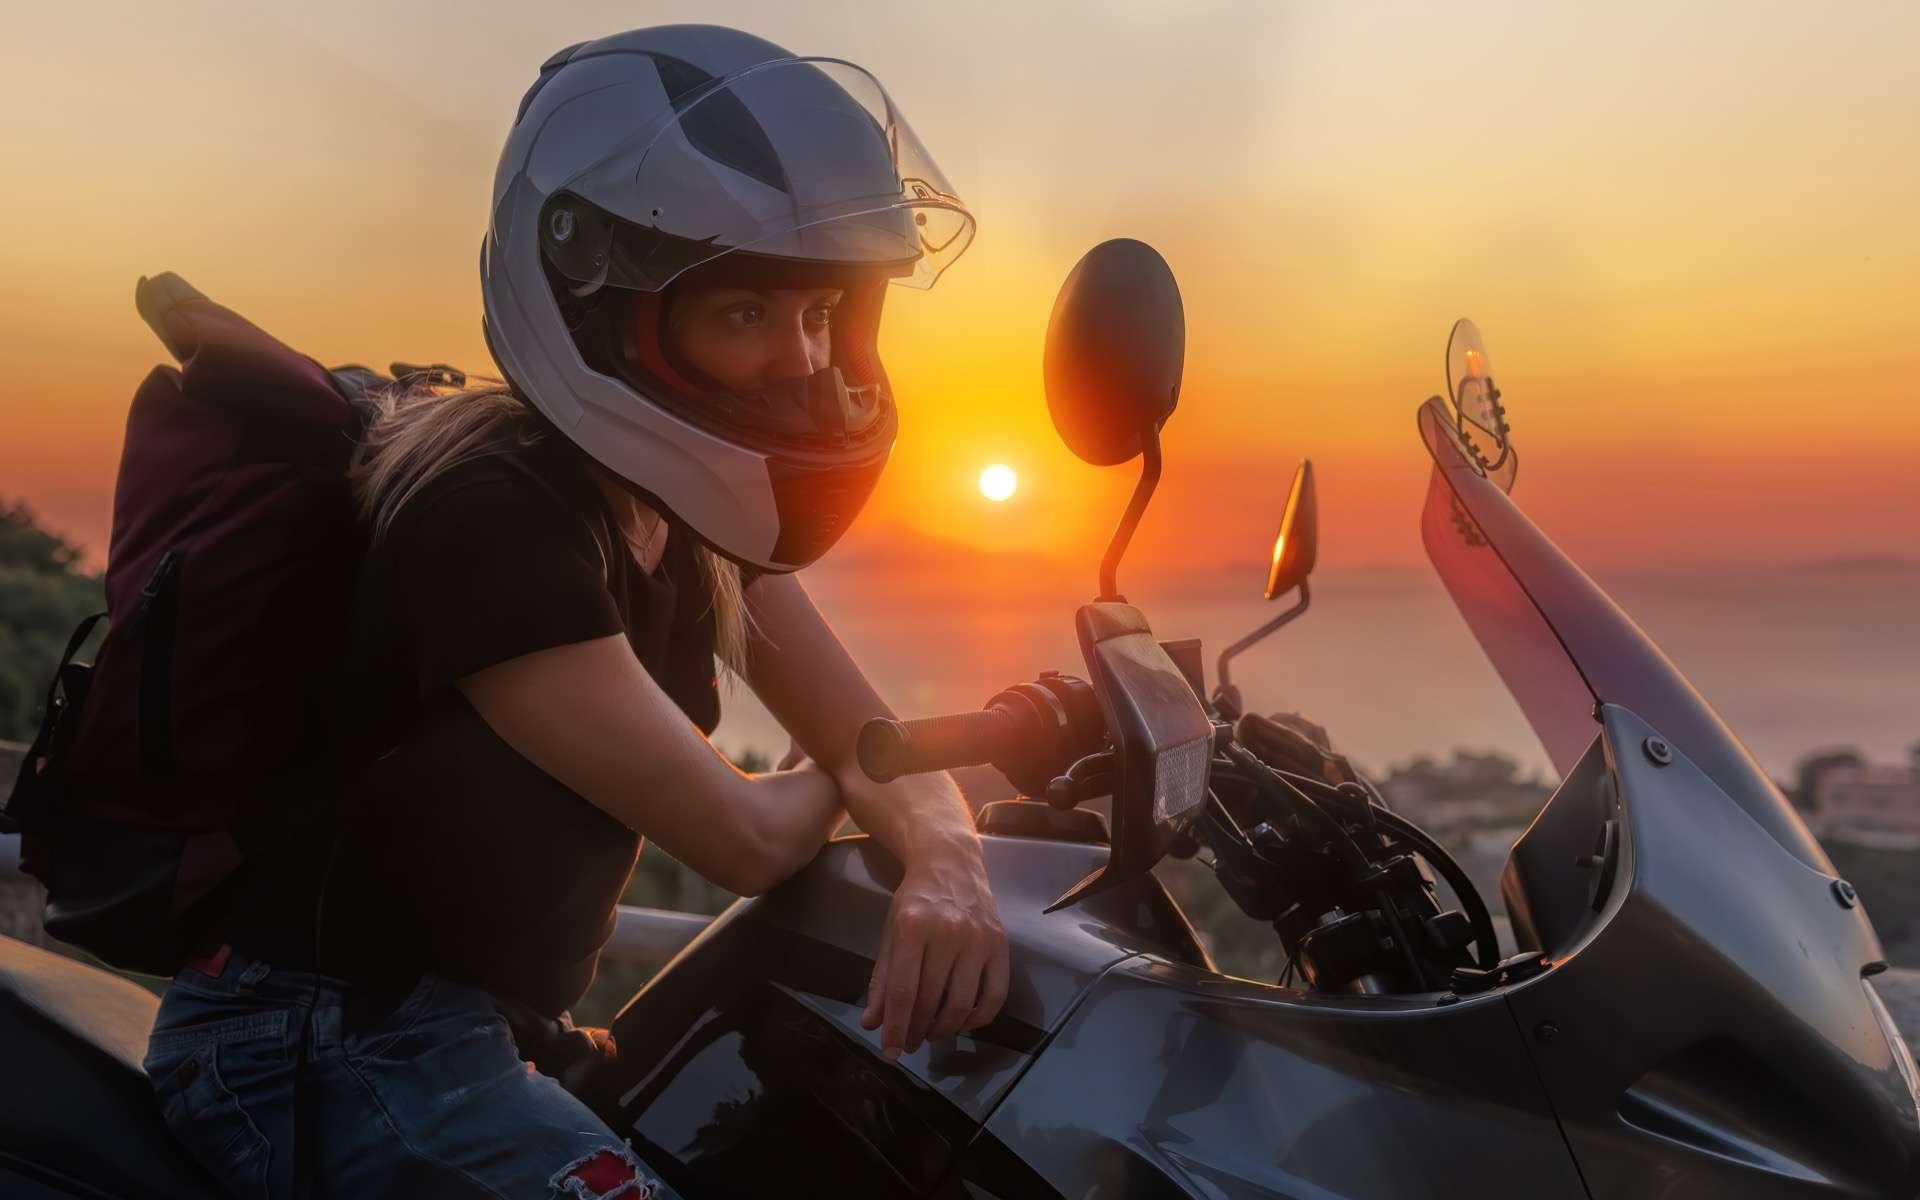 Pour sensibiliser au dépistage du cancer du sein, une virée solidaire à moto avec la Ride and Roses Event. © Sergey, Adobe Stock